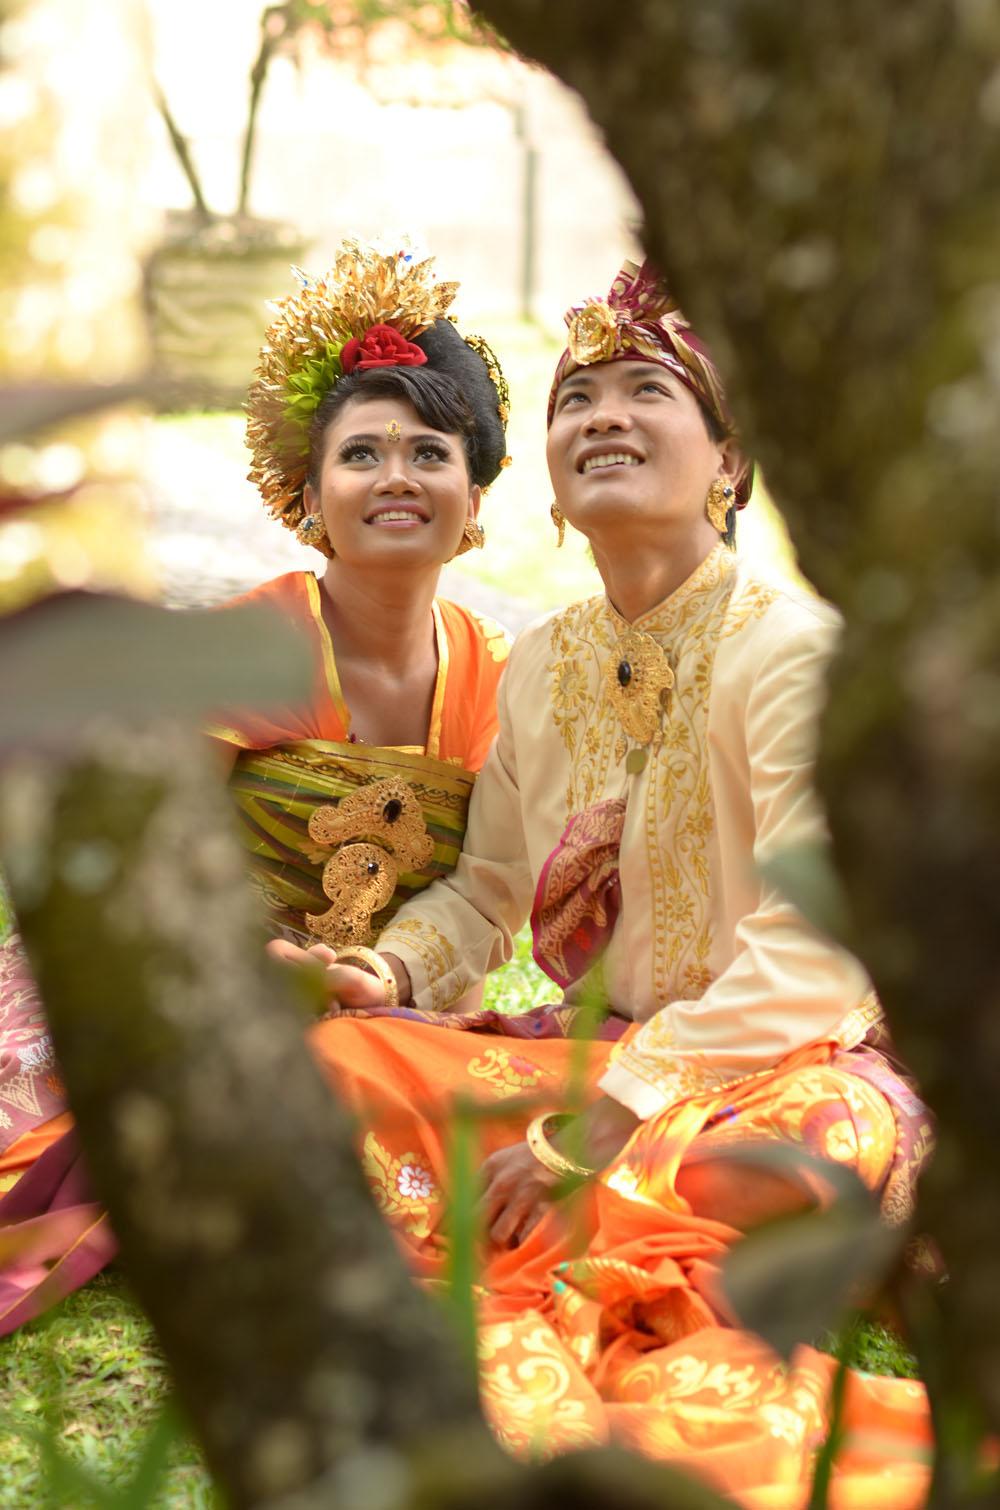 Ardi Yuli Wedding Pre Wedding Adat Bali, ardi yuli wedding pre wedding ...